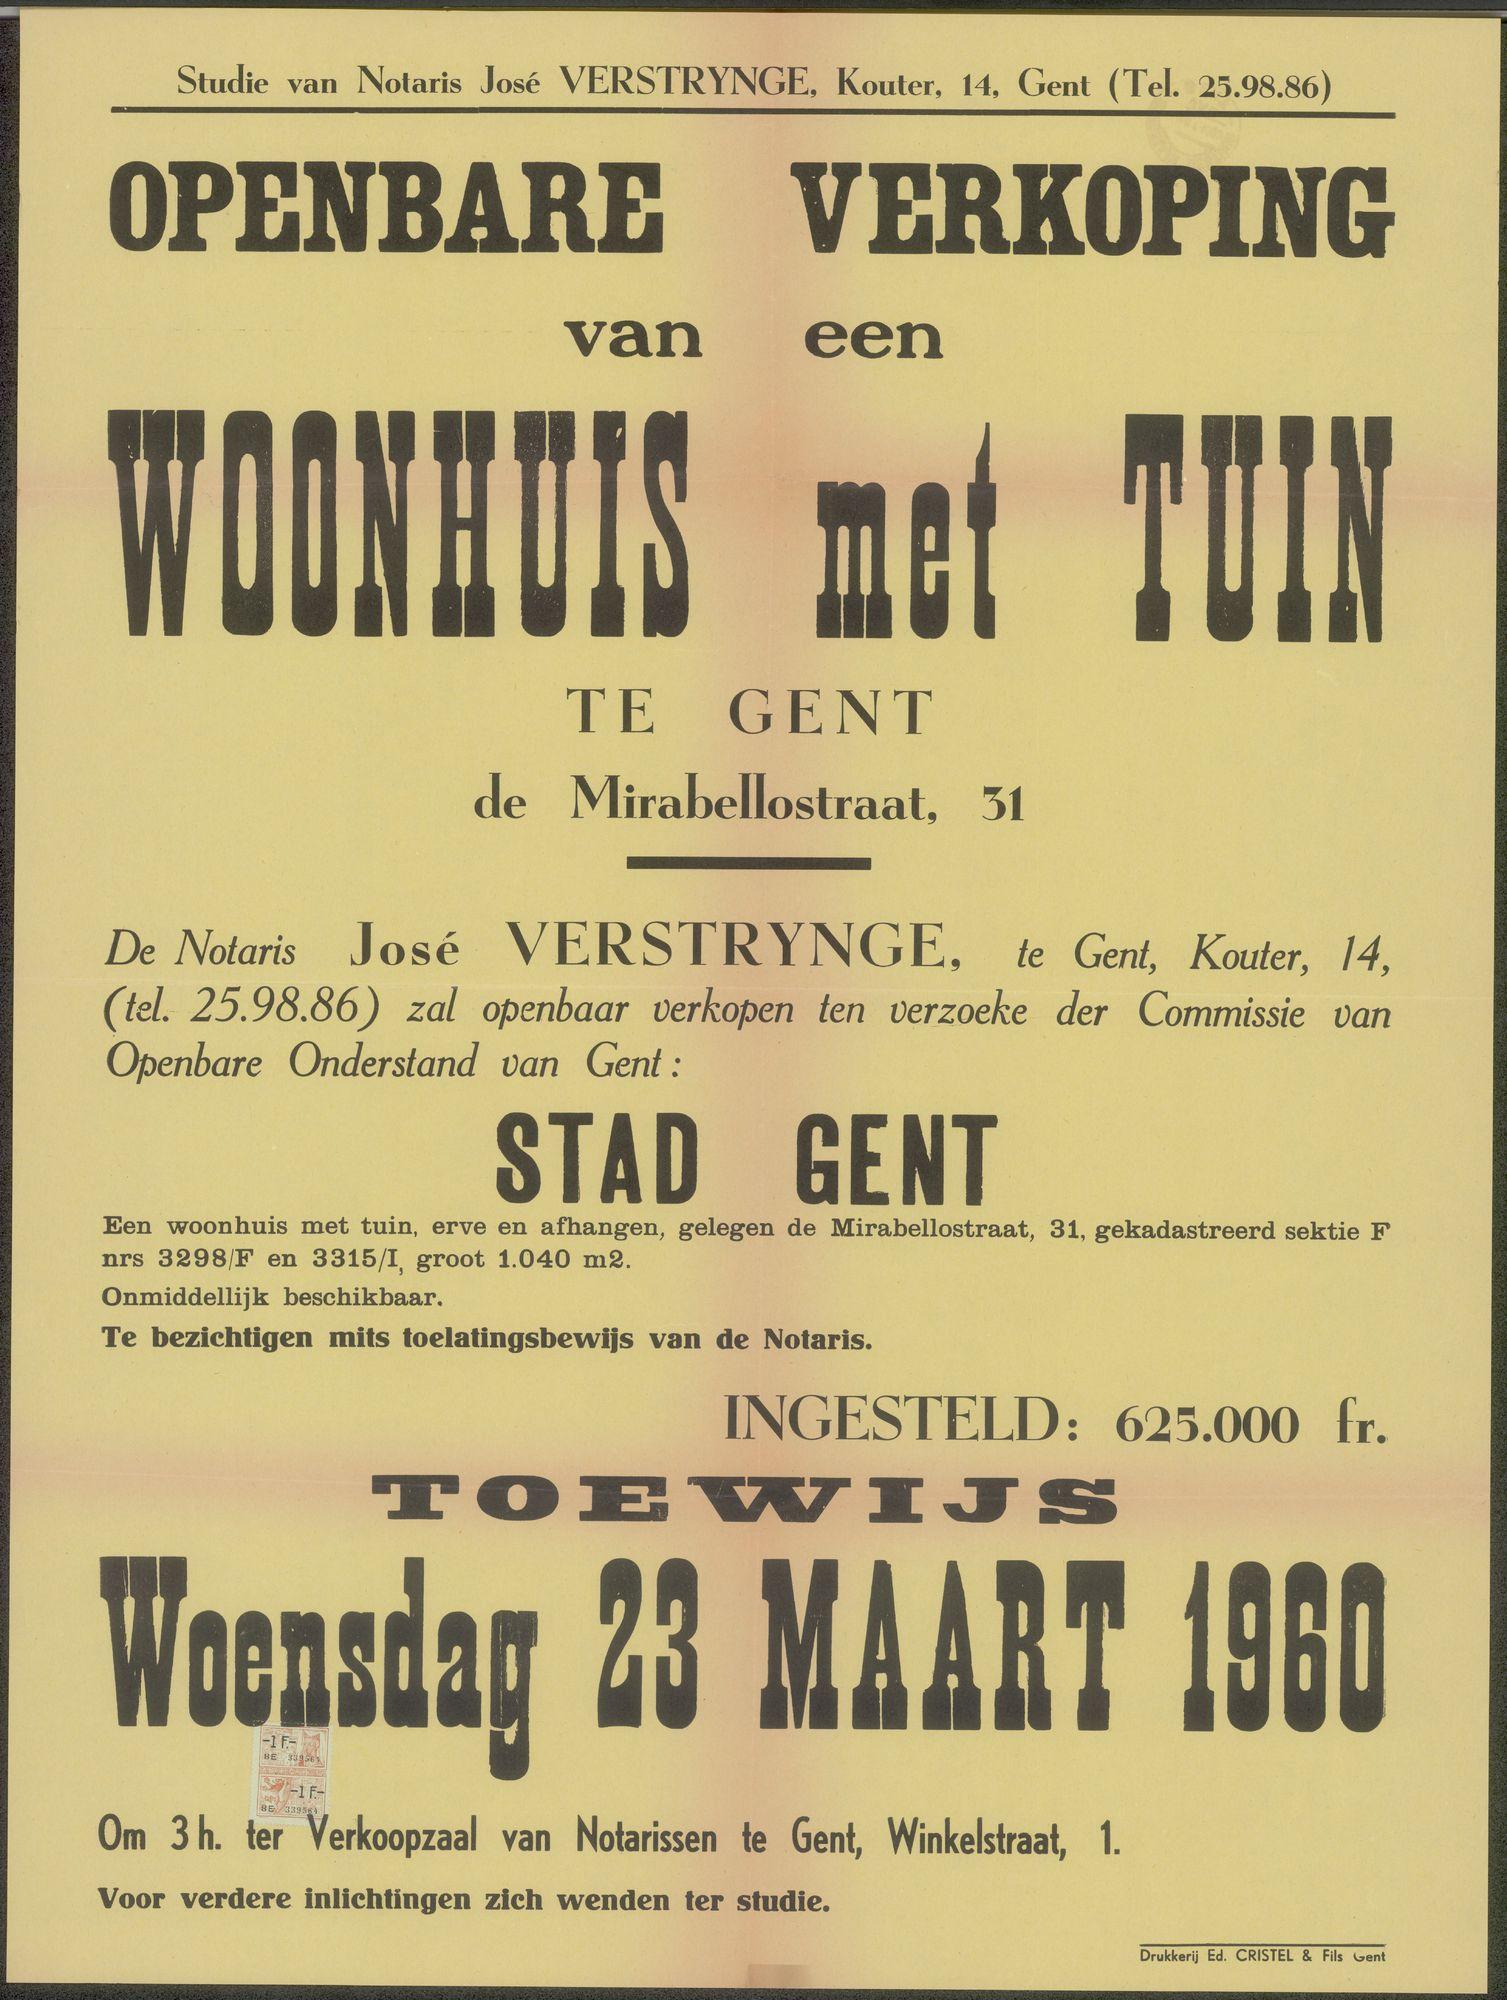 Openbare verkoop van een woonhuis met tuin te Gent, de Mirabellostraat, nr. 31, Gent, 23 maart 1960